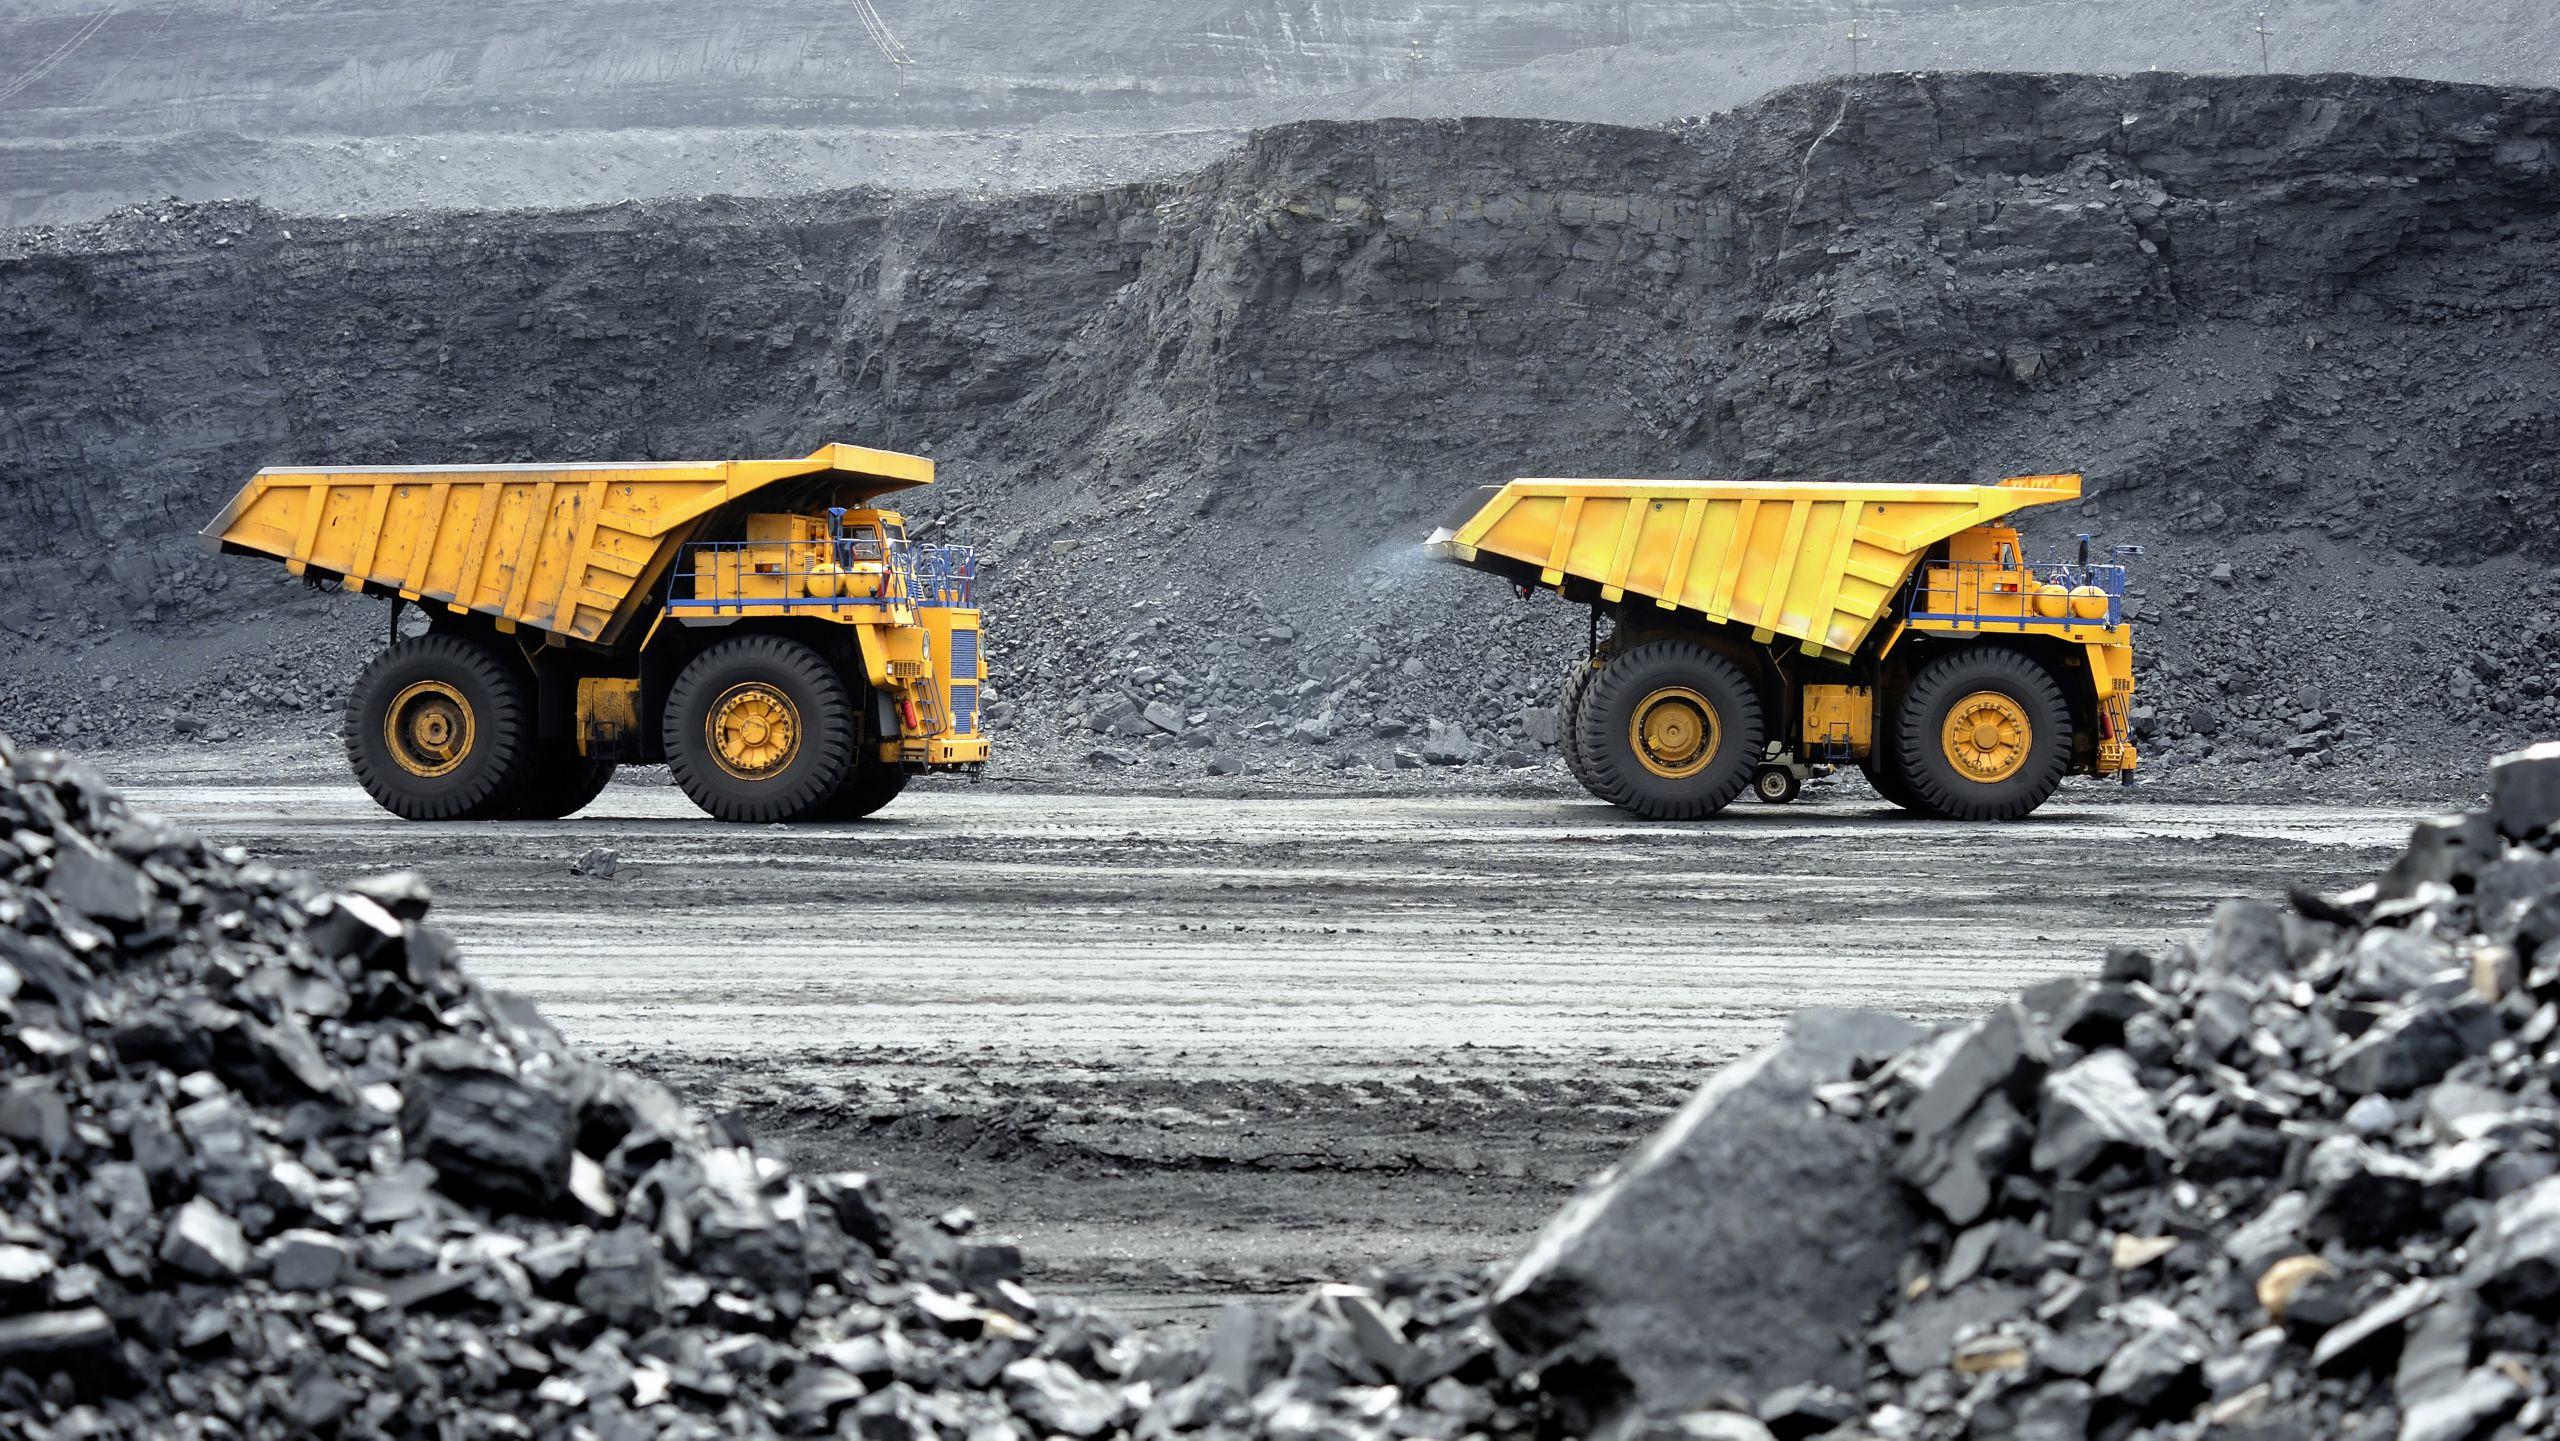 Zwei Muldenkipper auf einem Bergbaugelände